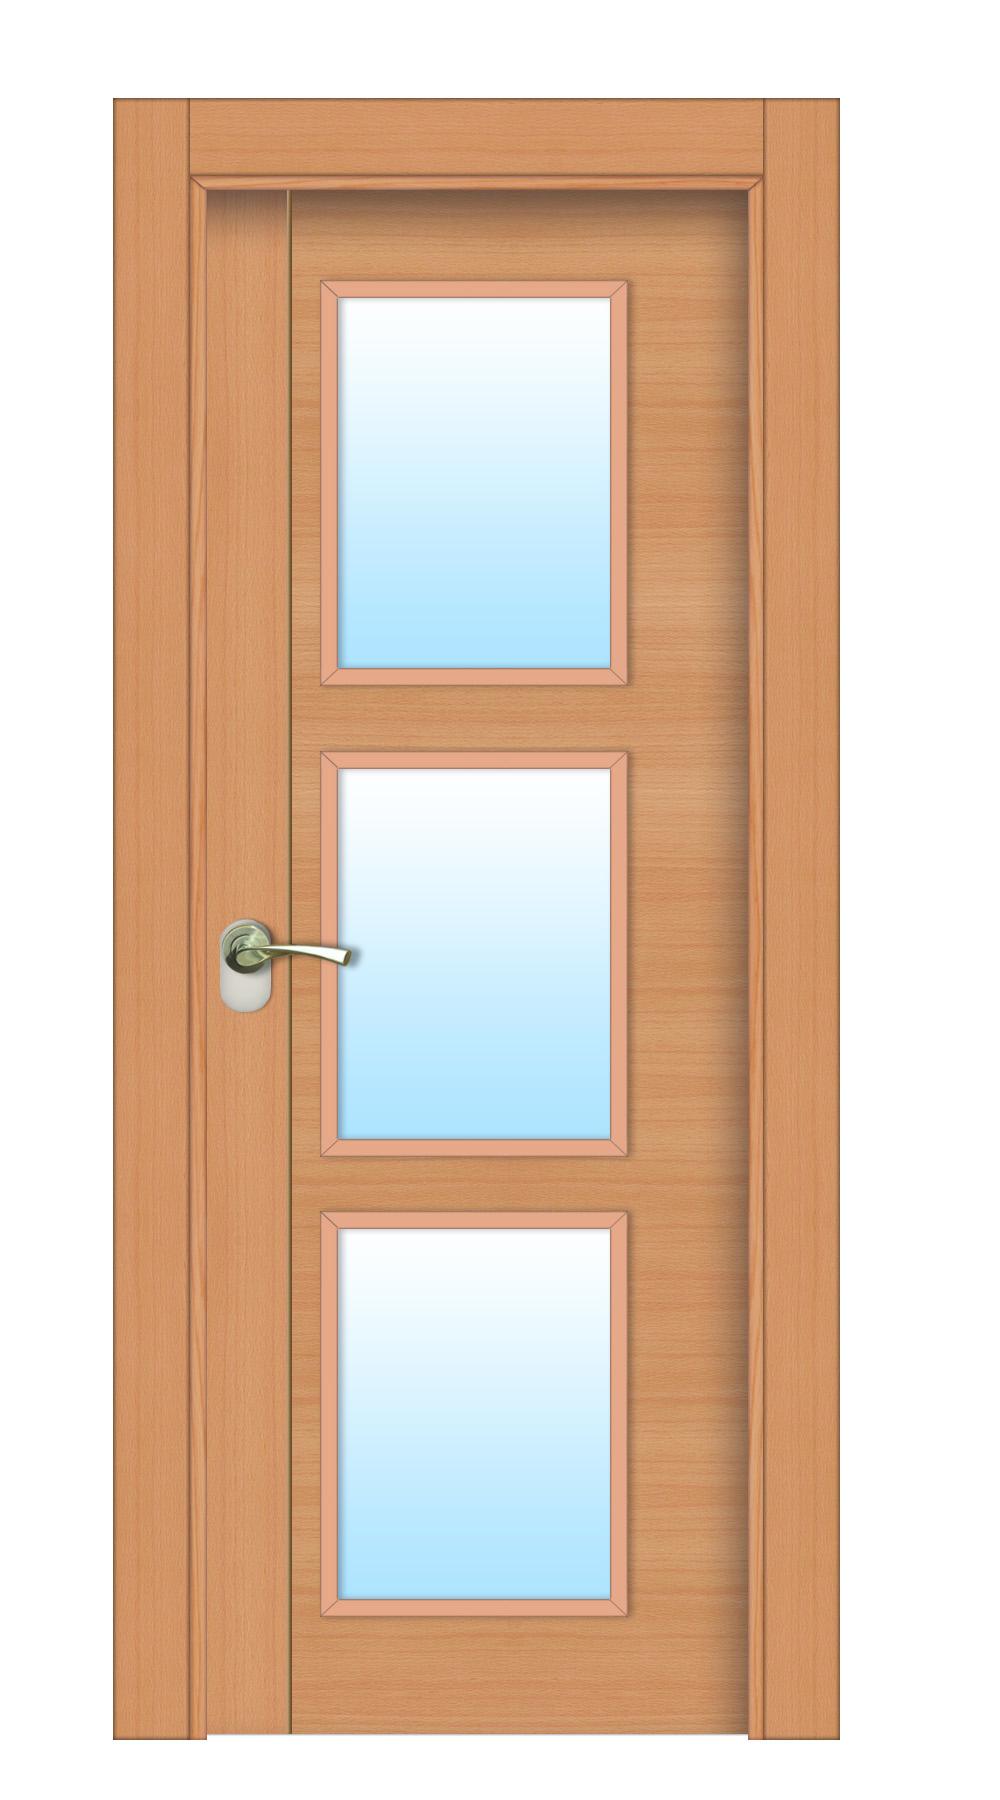 Tu Hogar Con Puertas Lacadas Dentro Puertas Lacadas En Blanco dentro de Puertas Lacadas En Blanco Precios - Berryd.com